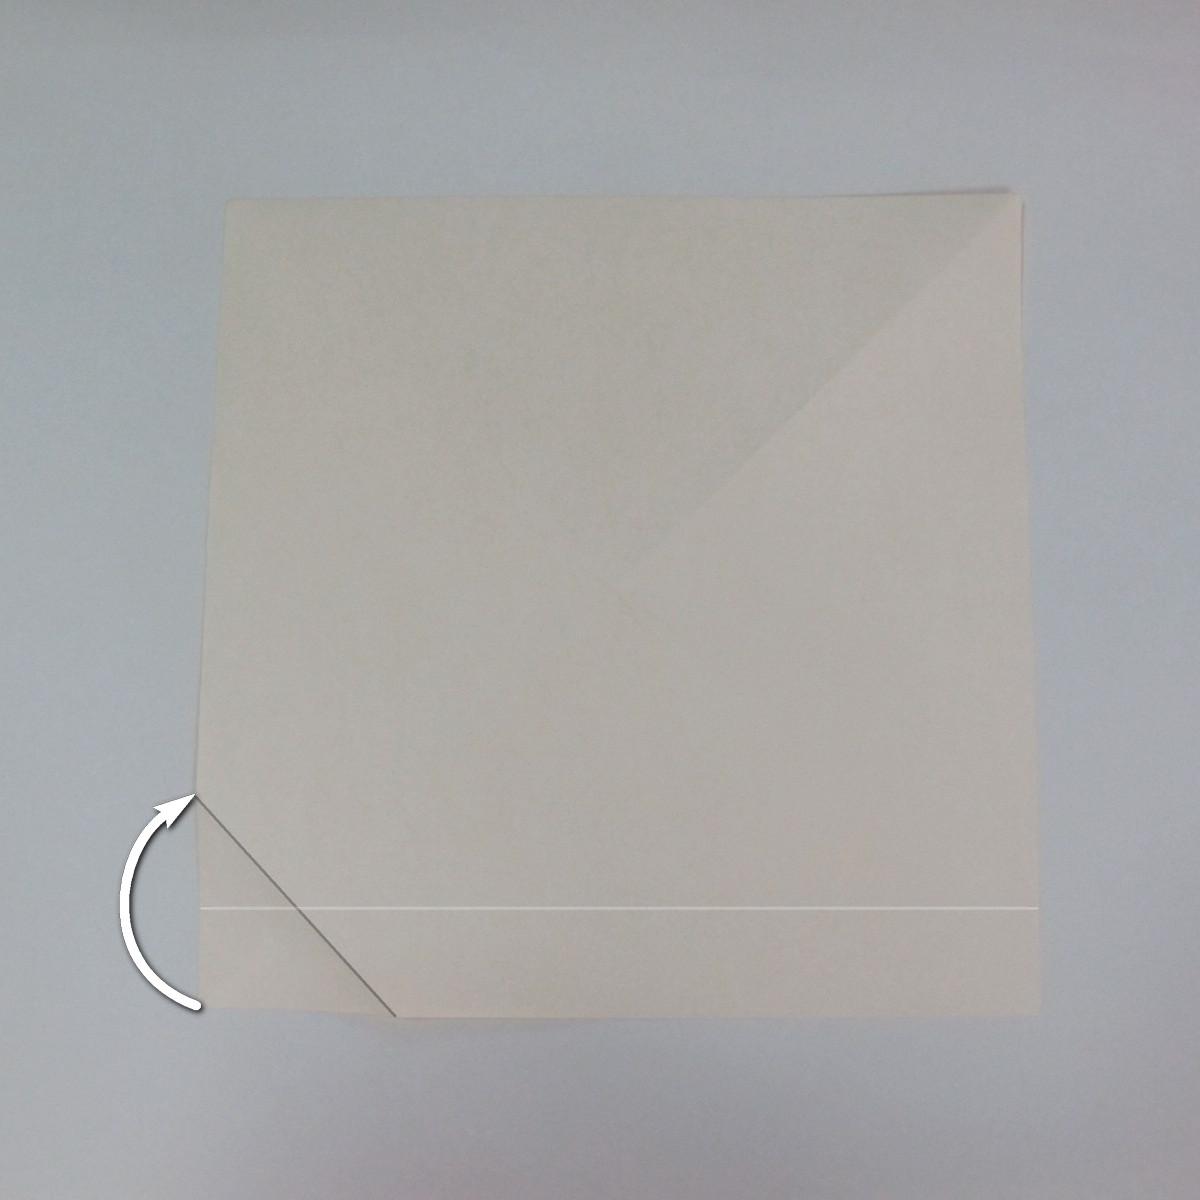 สอนวิธีพับกระดาษเป็นรูปลูกสุนัขยืนสองขา แบบของพอล ฟราสโก้ (Down Boy Dog Origami) 010